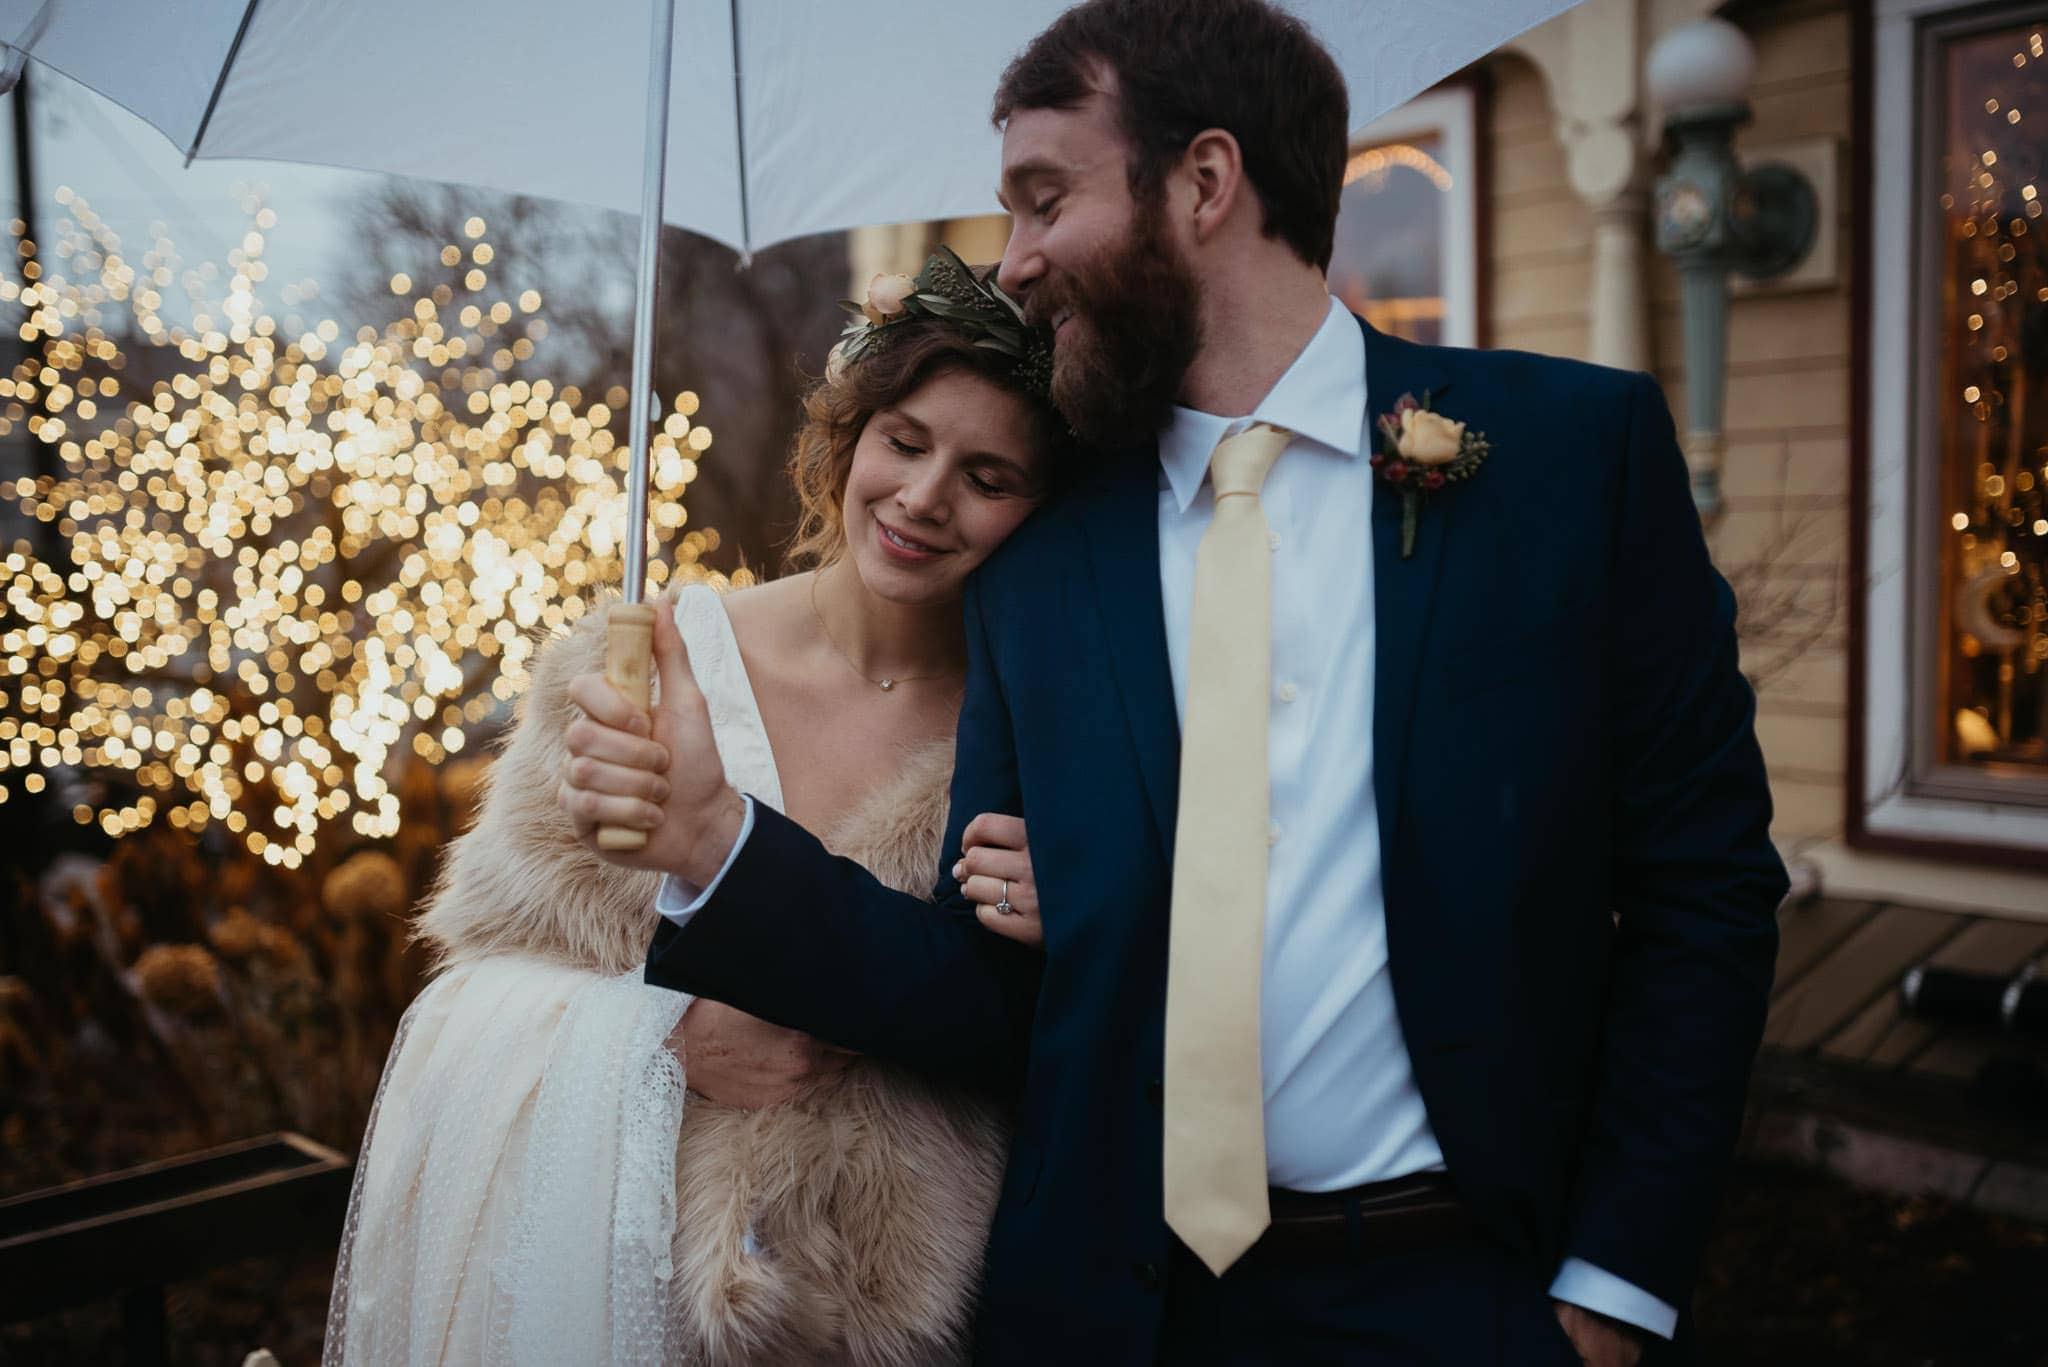 woodstock-ny-wedding-photographer-050